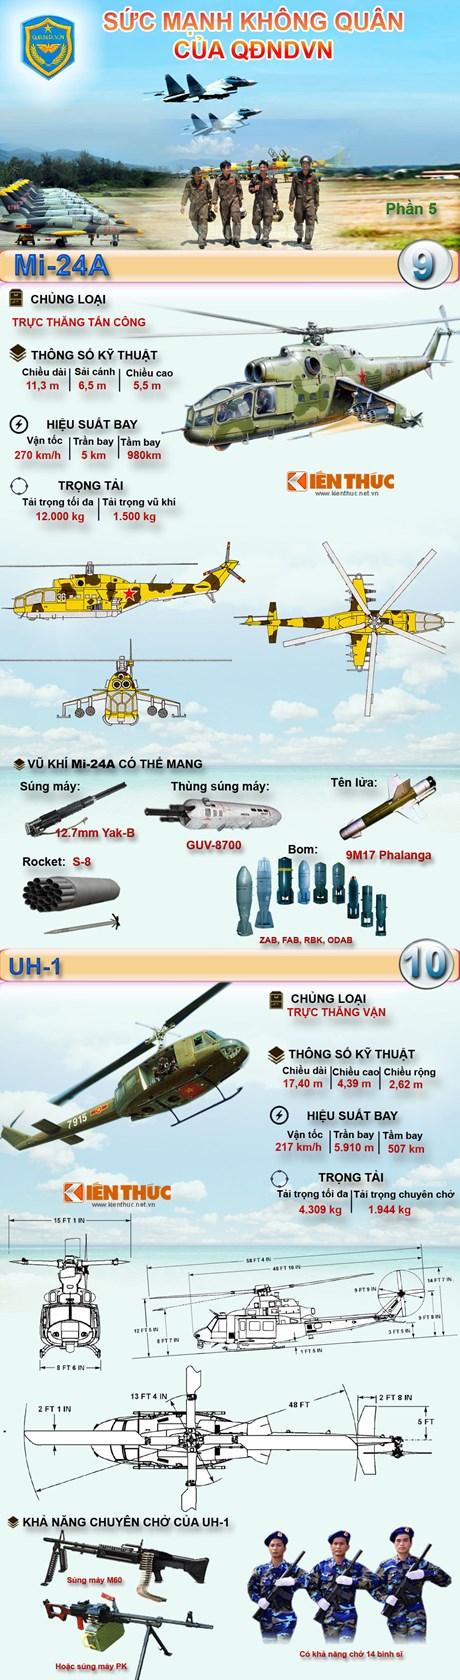 Infographic: Sức mạnh Không quân Nhân dân Việt Nam 5